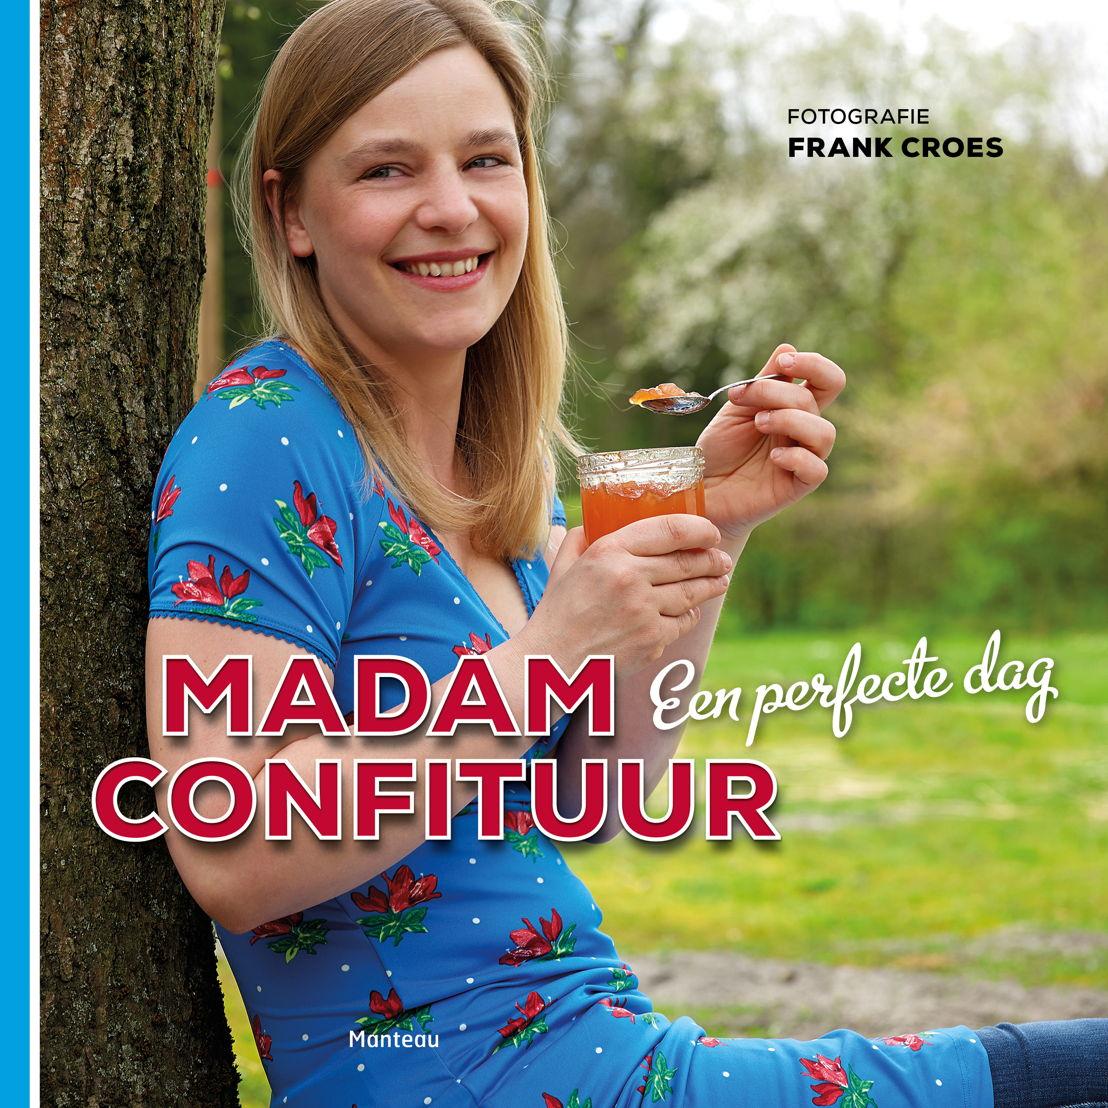 Cover Madam Confituur: een perfecte dag